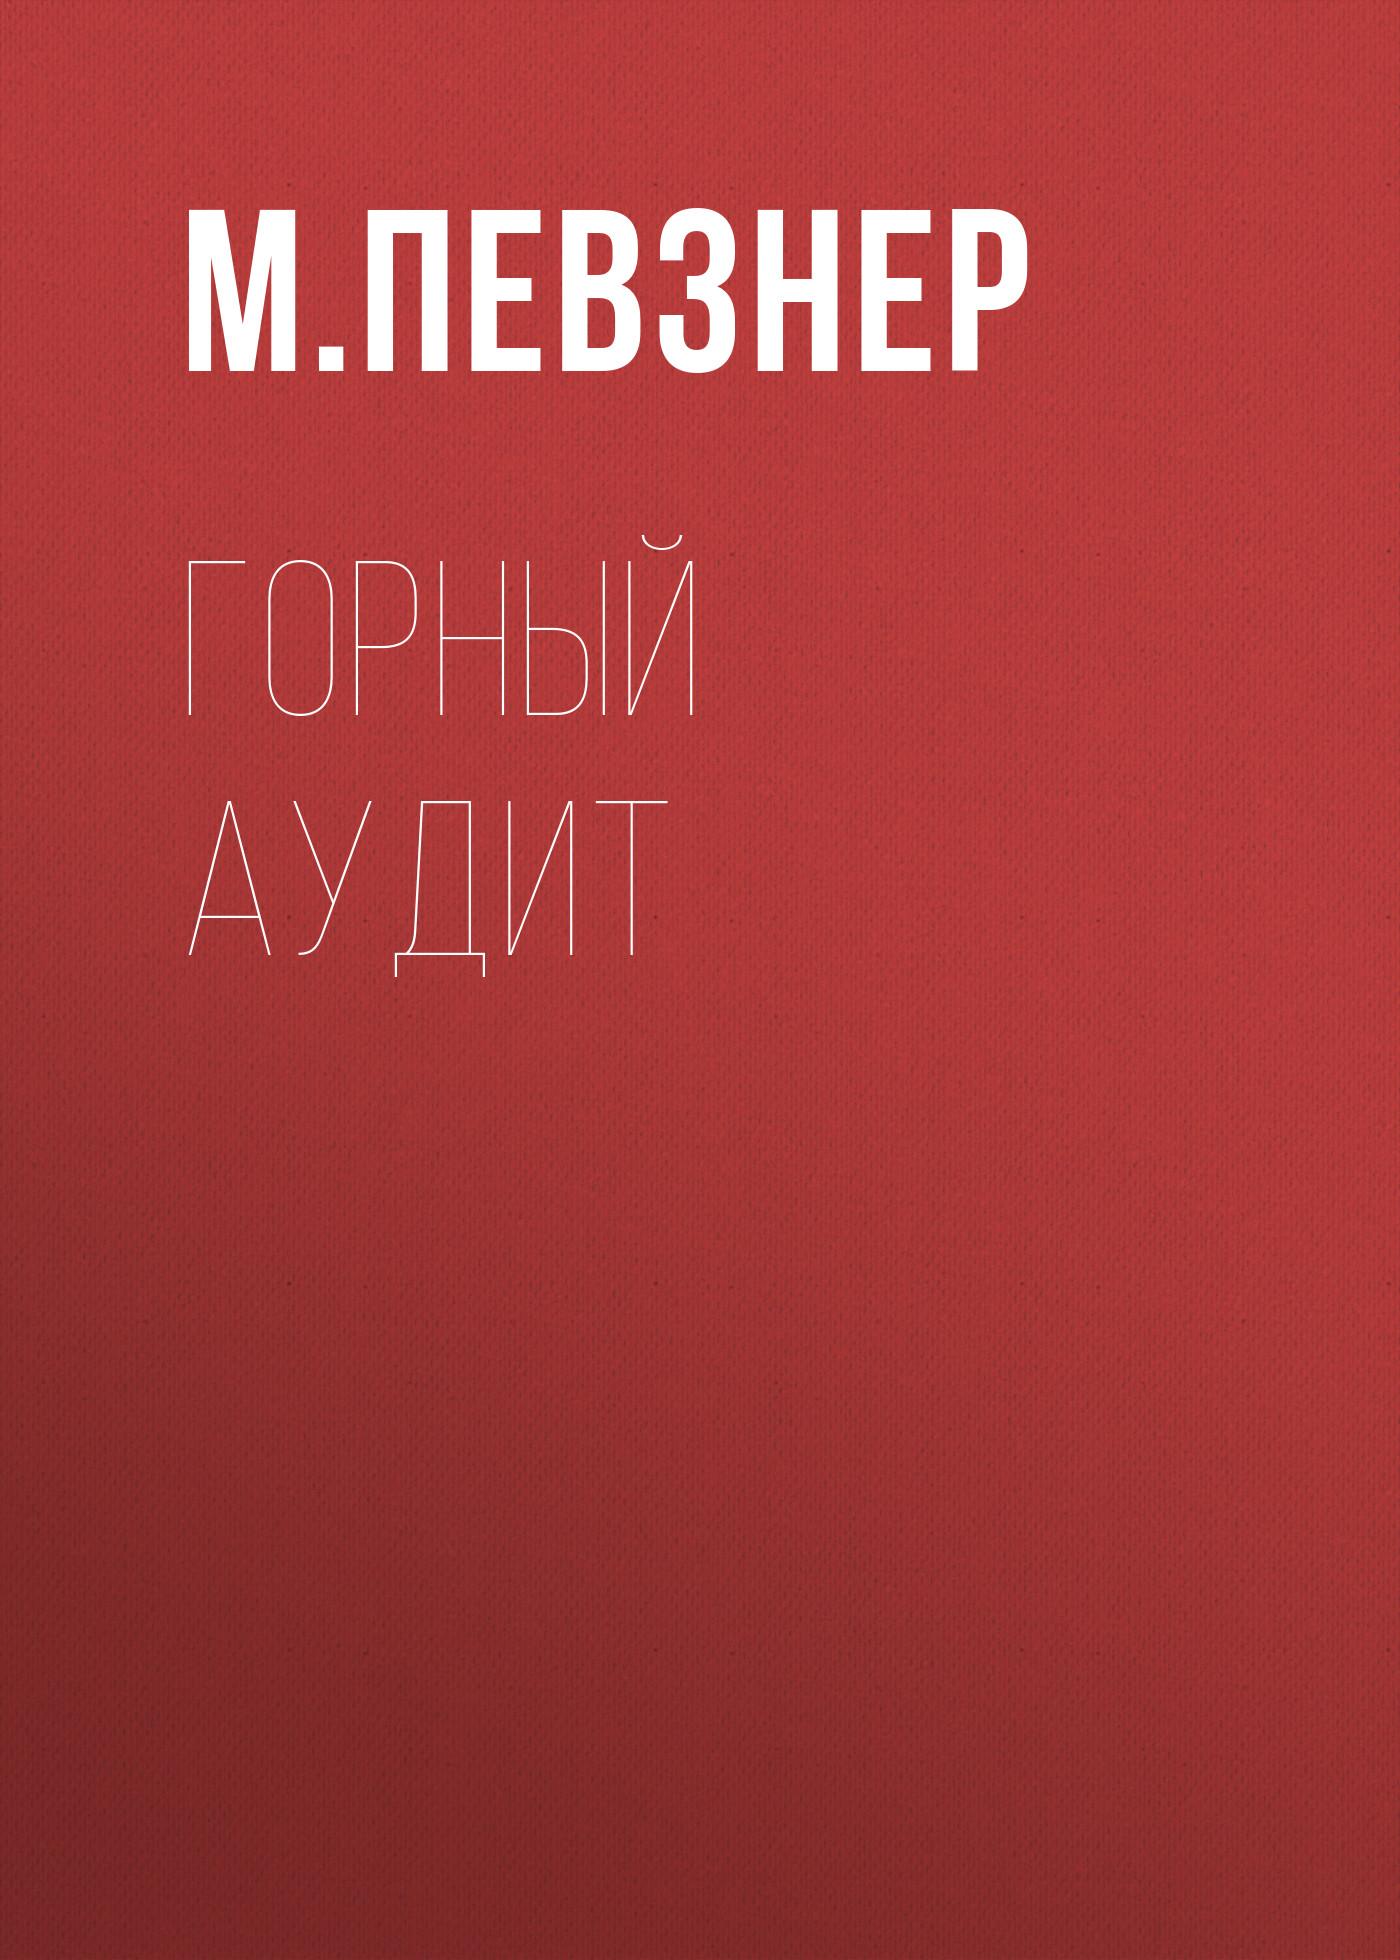 М. Е. Певзнер Горный аудит радуга горного алтая черника очанка сироп 100мл